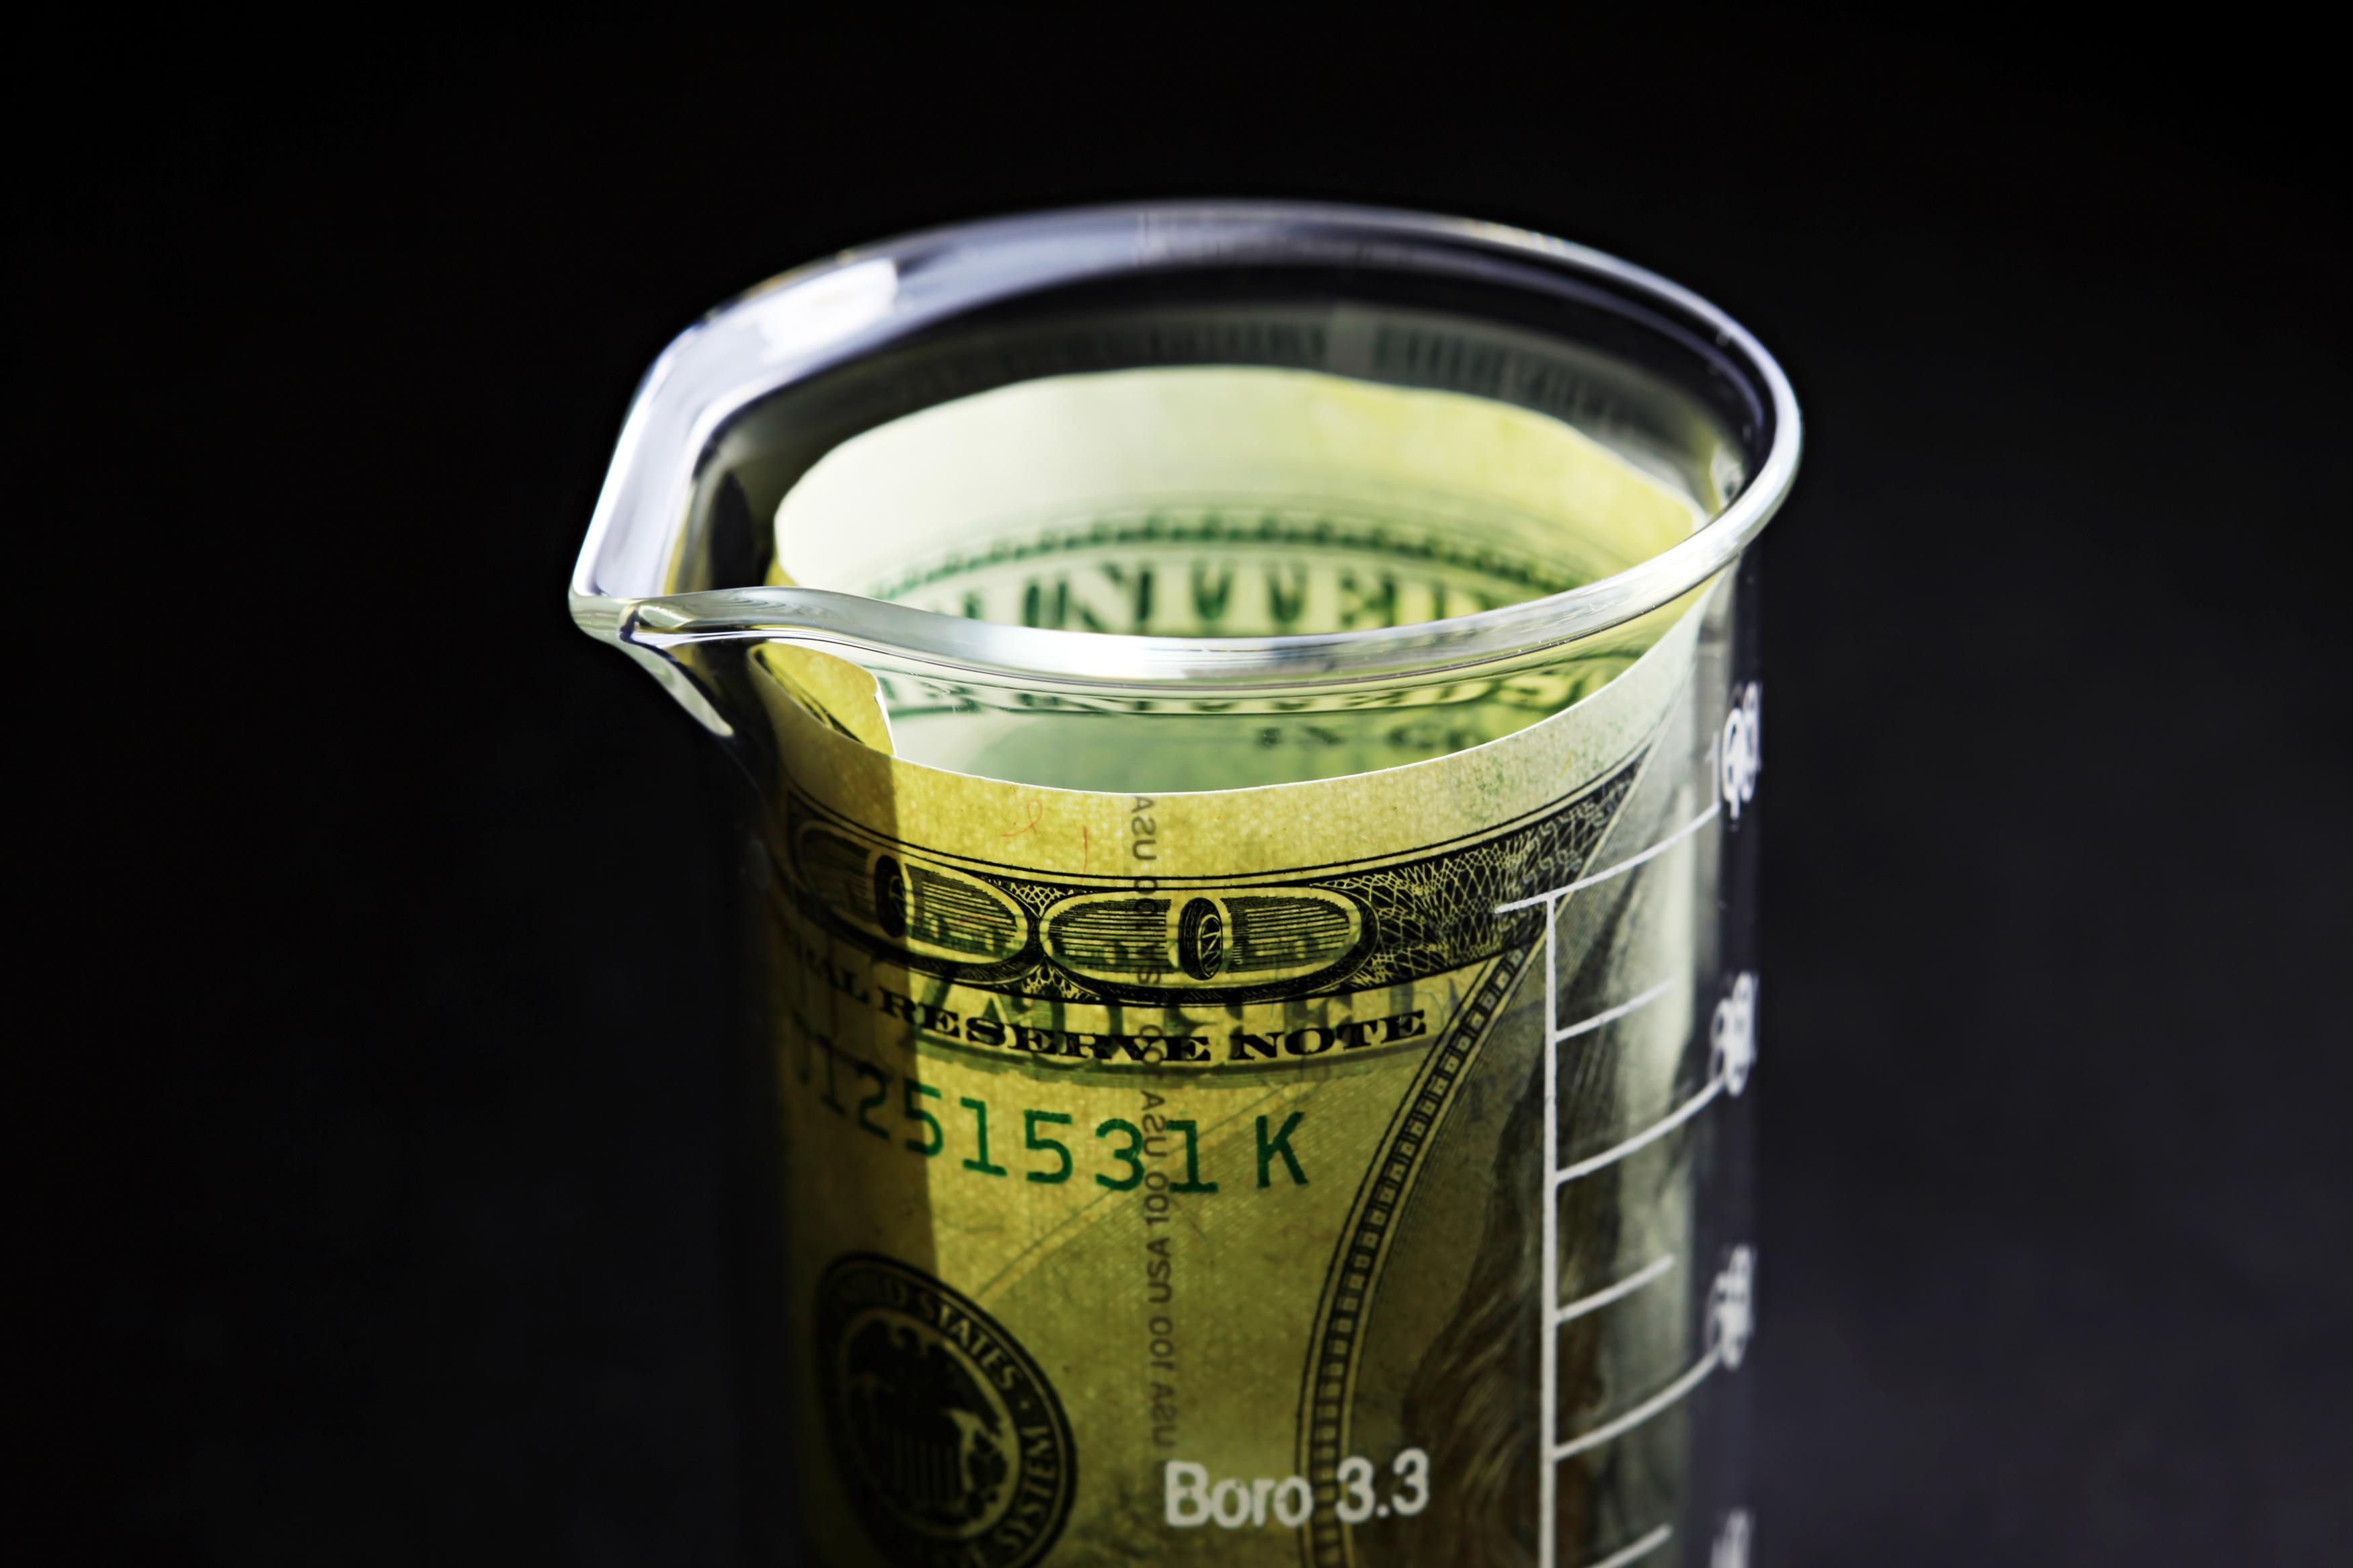 A hundred dollar bill inside a small beaker.